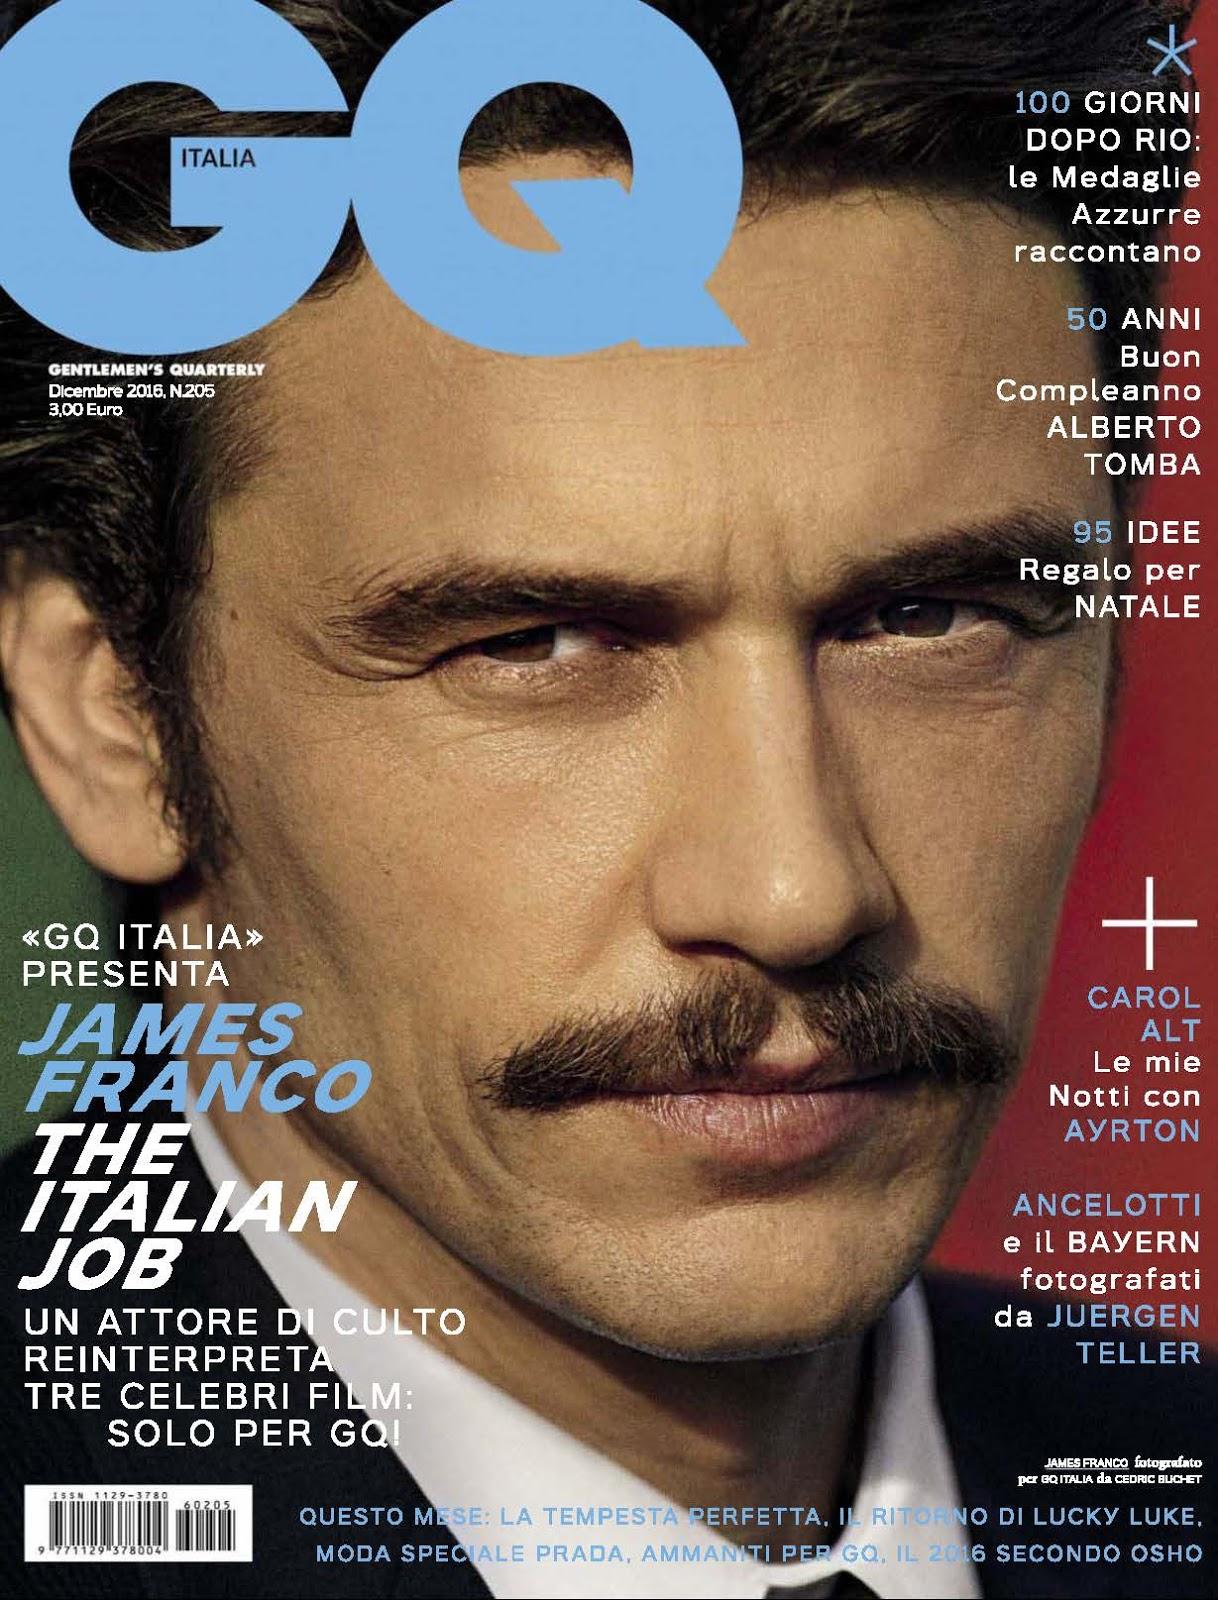 El actor James Franco posa para Cedridc Buchet en la edición de diciembre de GQ Italia